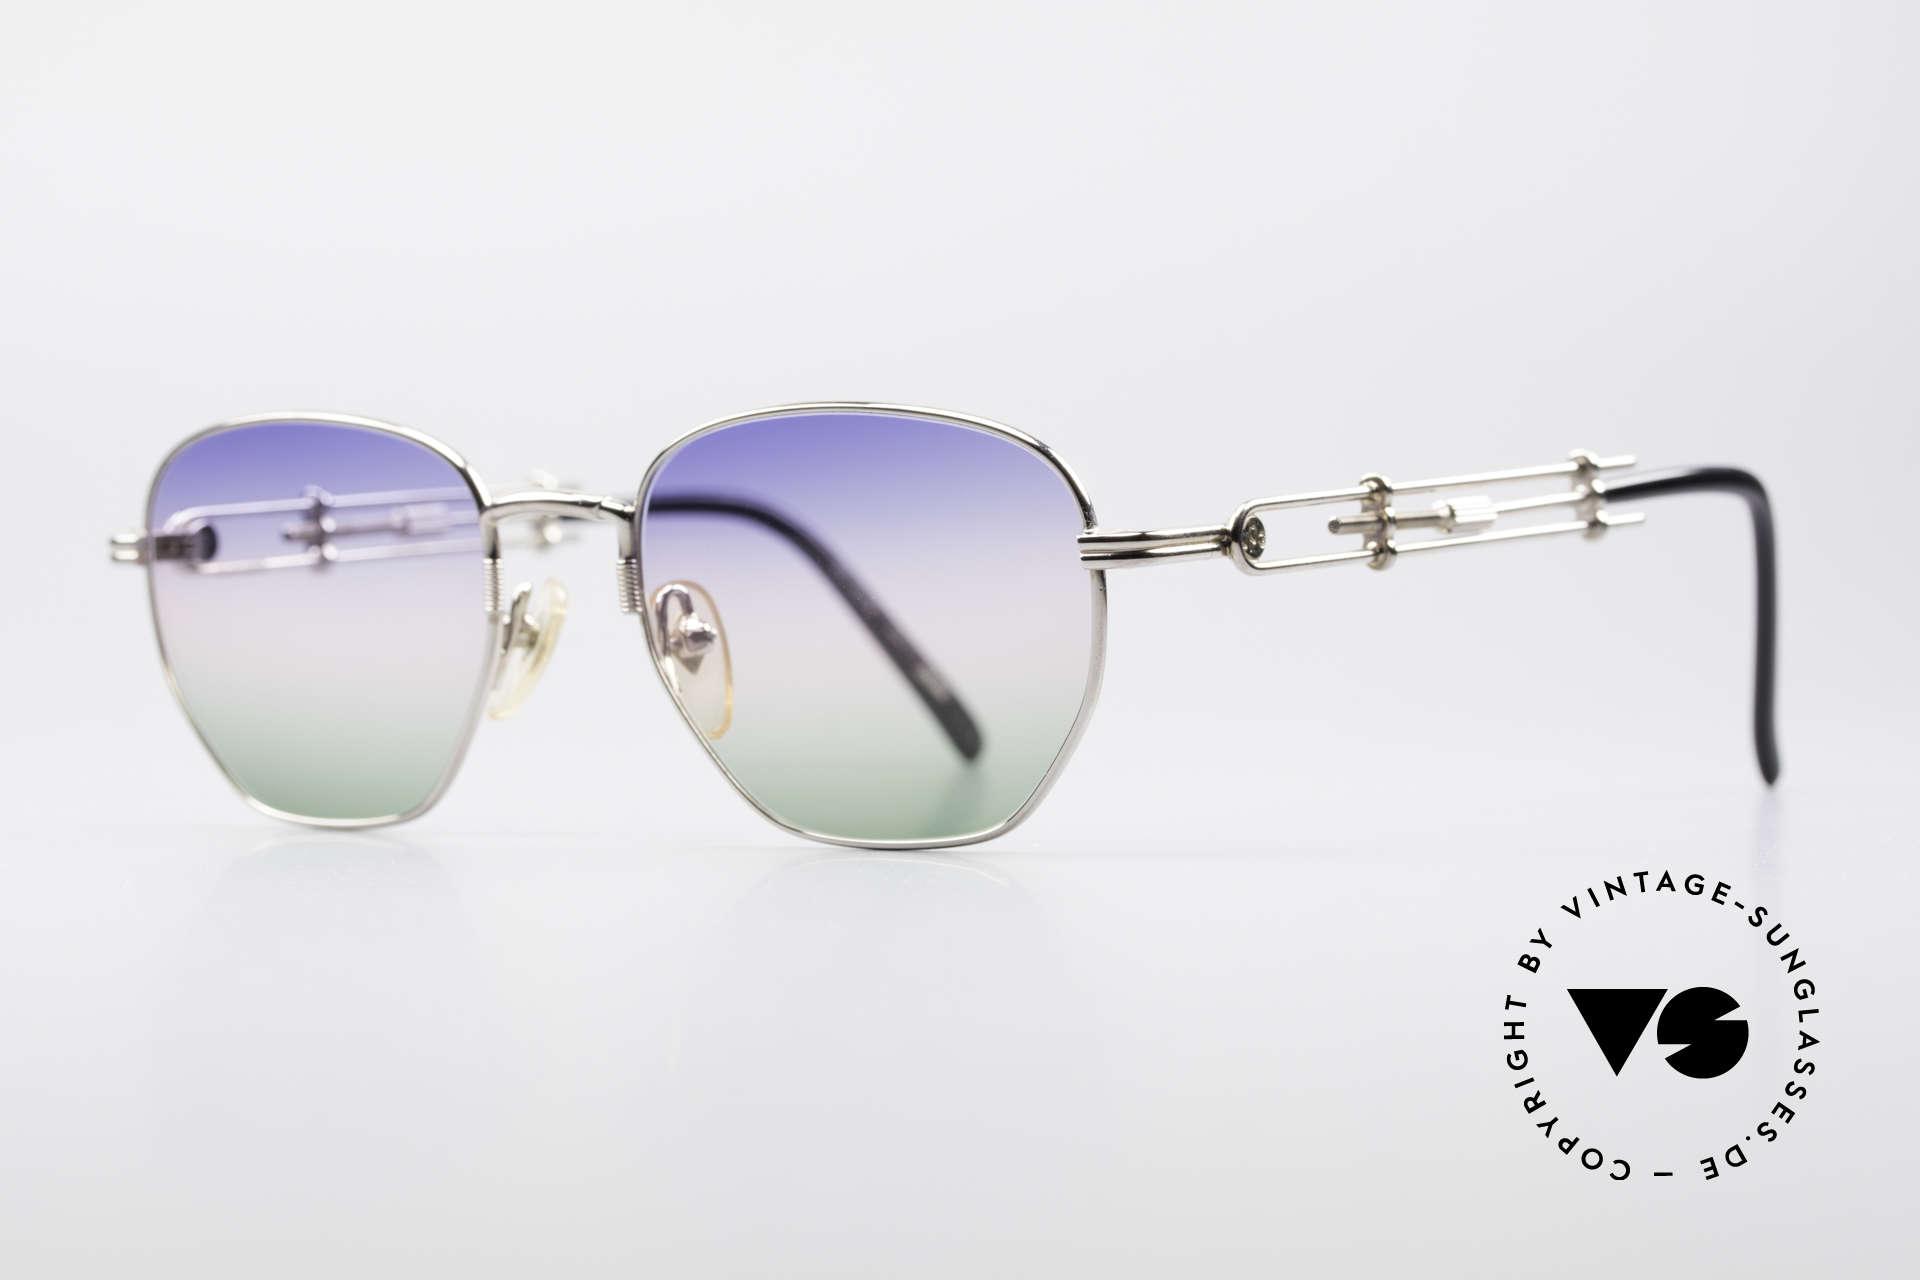 Jean Paul Gaultier 55-4174 Einstellbare Vintage Brille, mit sehr schicken 'tricolor customized' Verlaufsgläsern, Passend für Herren und Damen